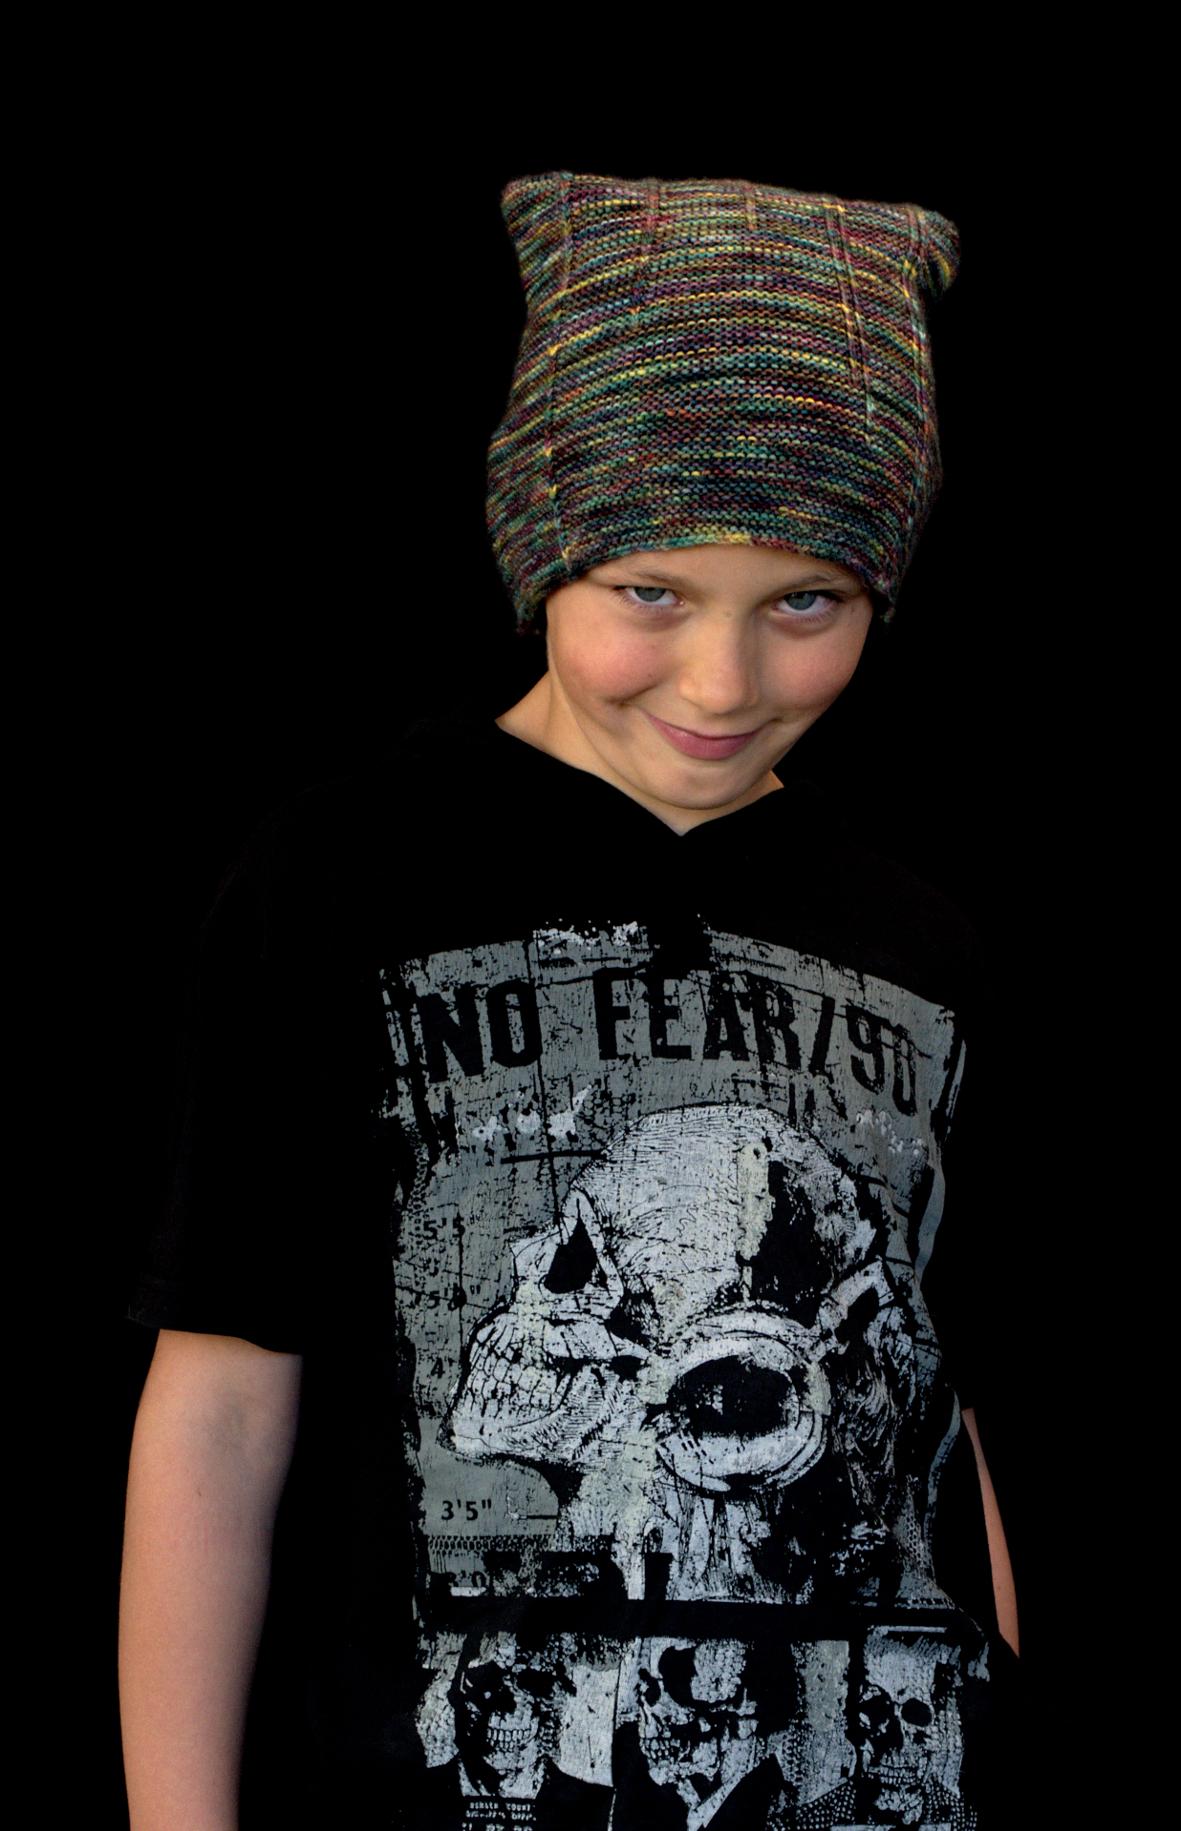 Allerton skater style Hat hand knitting pattern for sock yarn